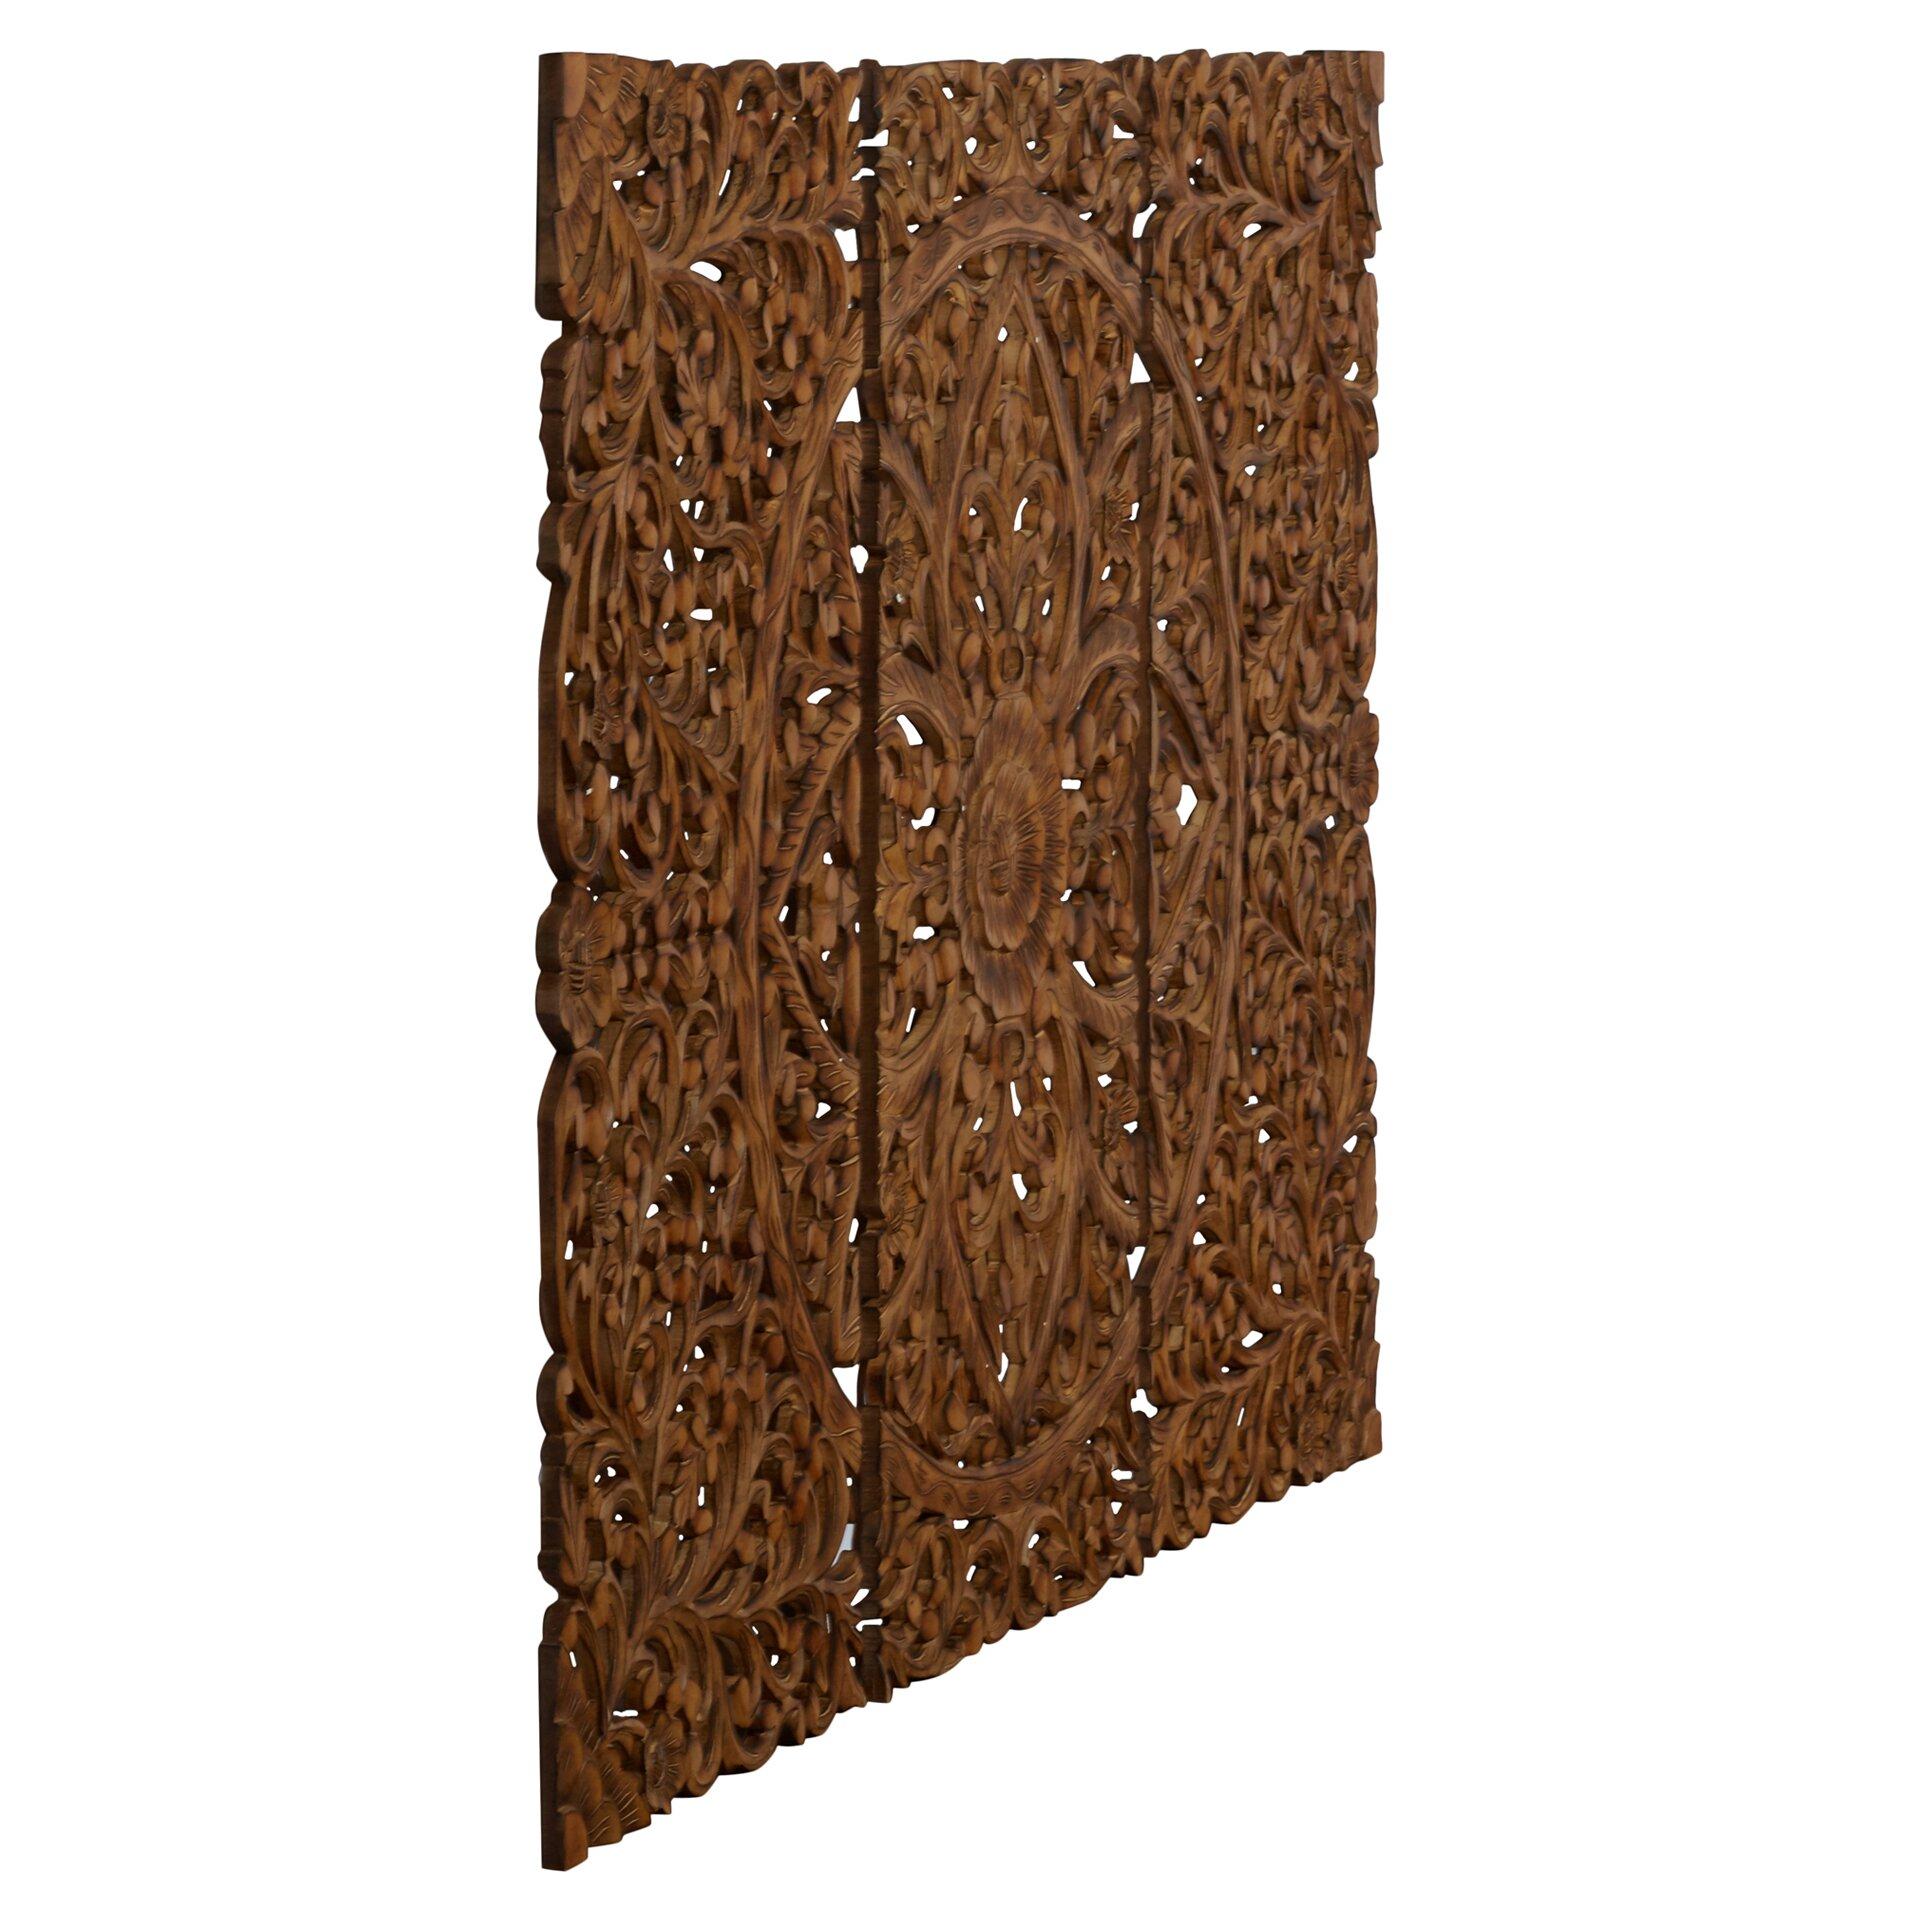 3 Piece Utensil Wall Décor Set : Rosalind wheeler piece wall decor set reviews wayfair